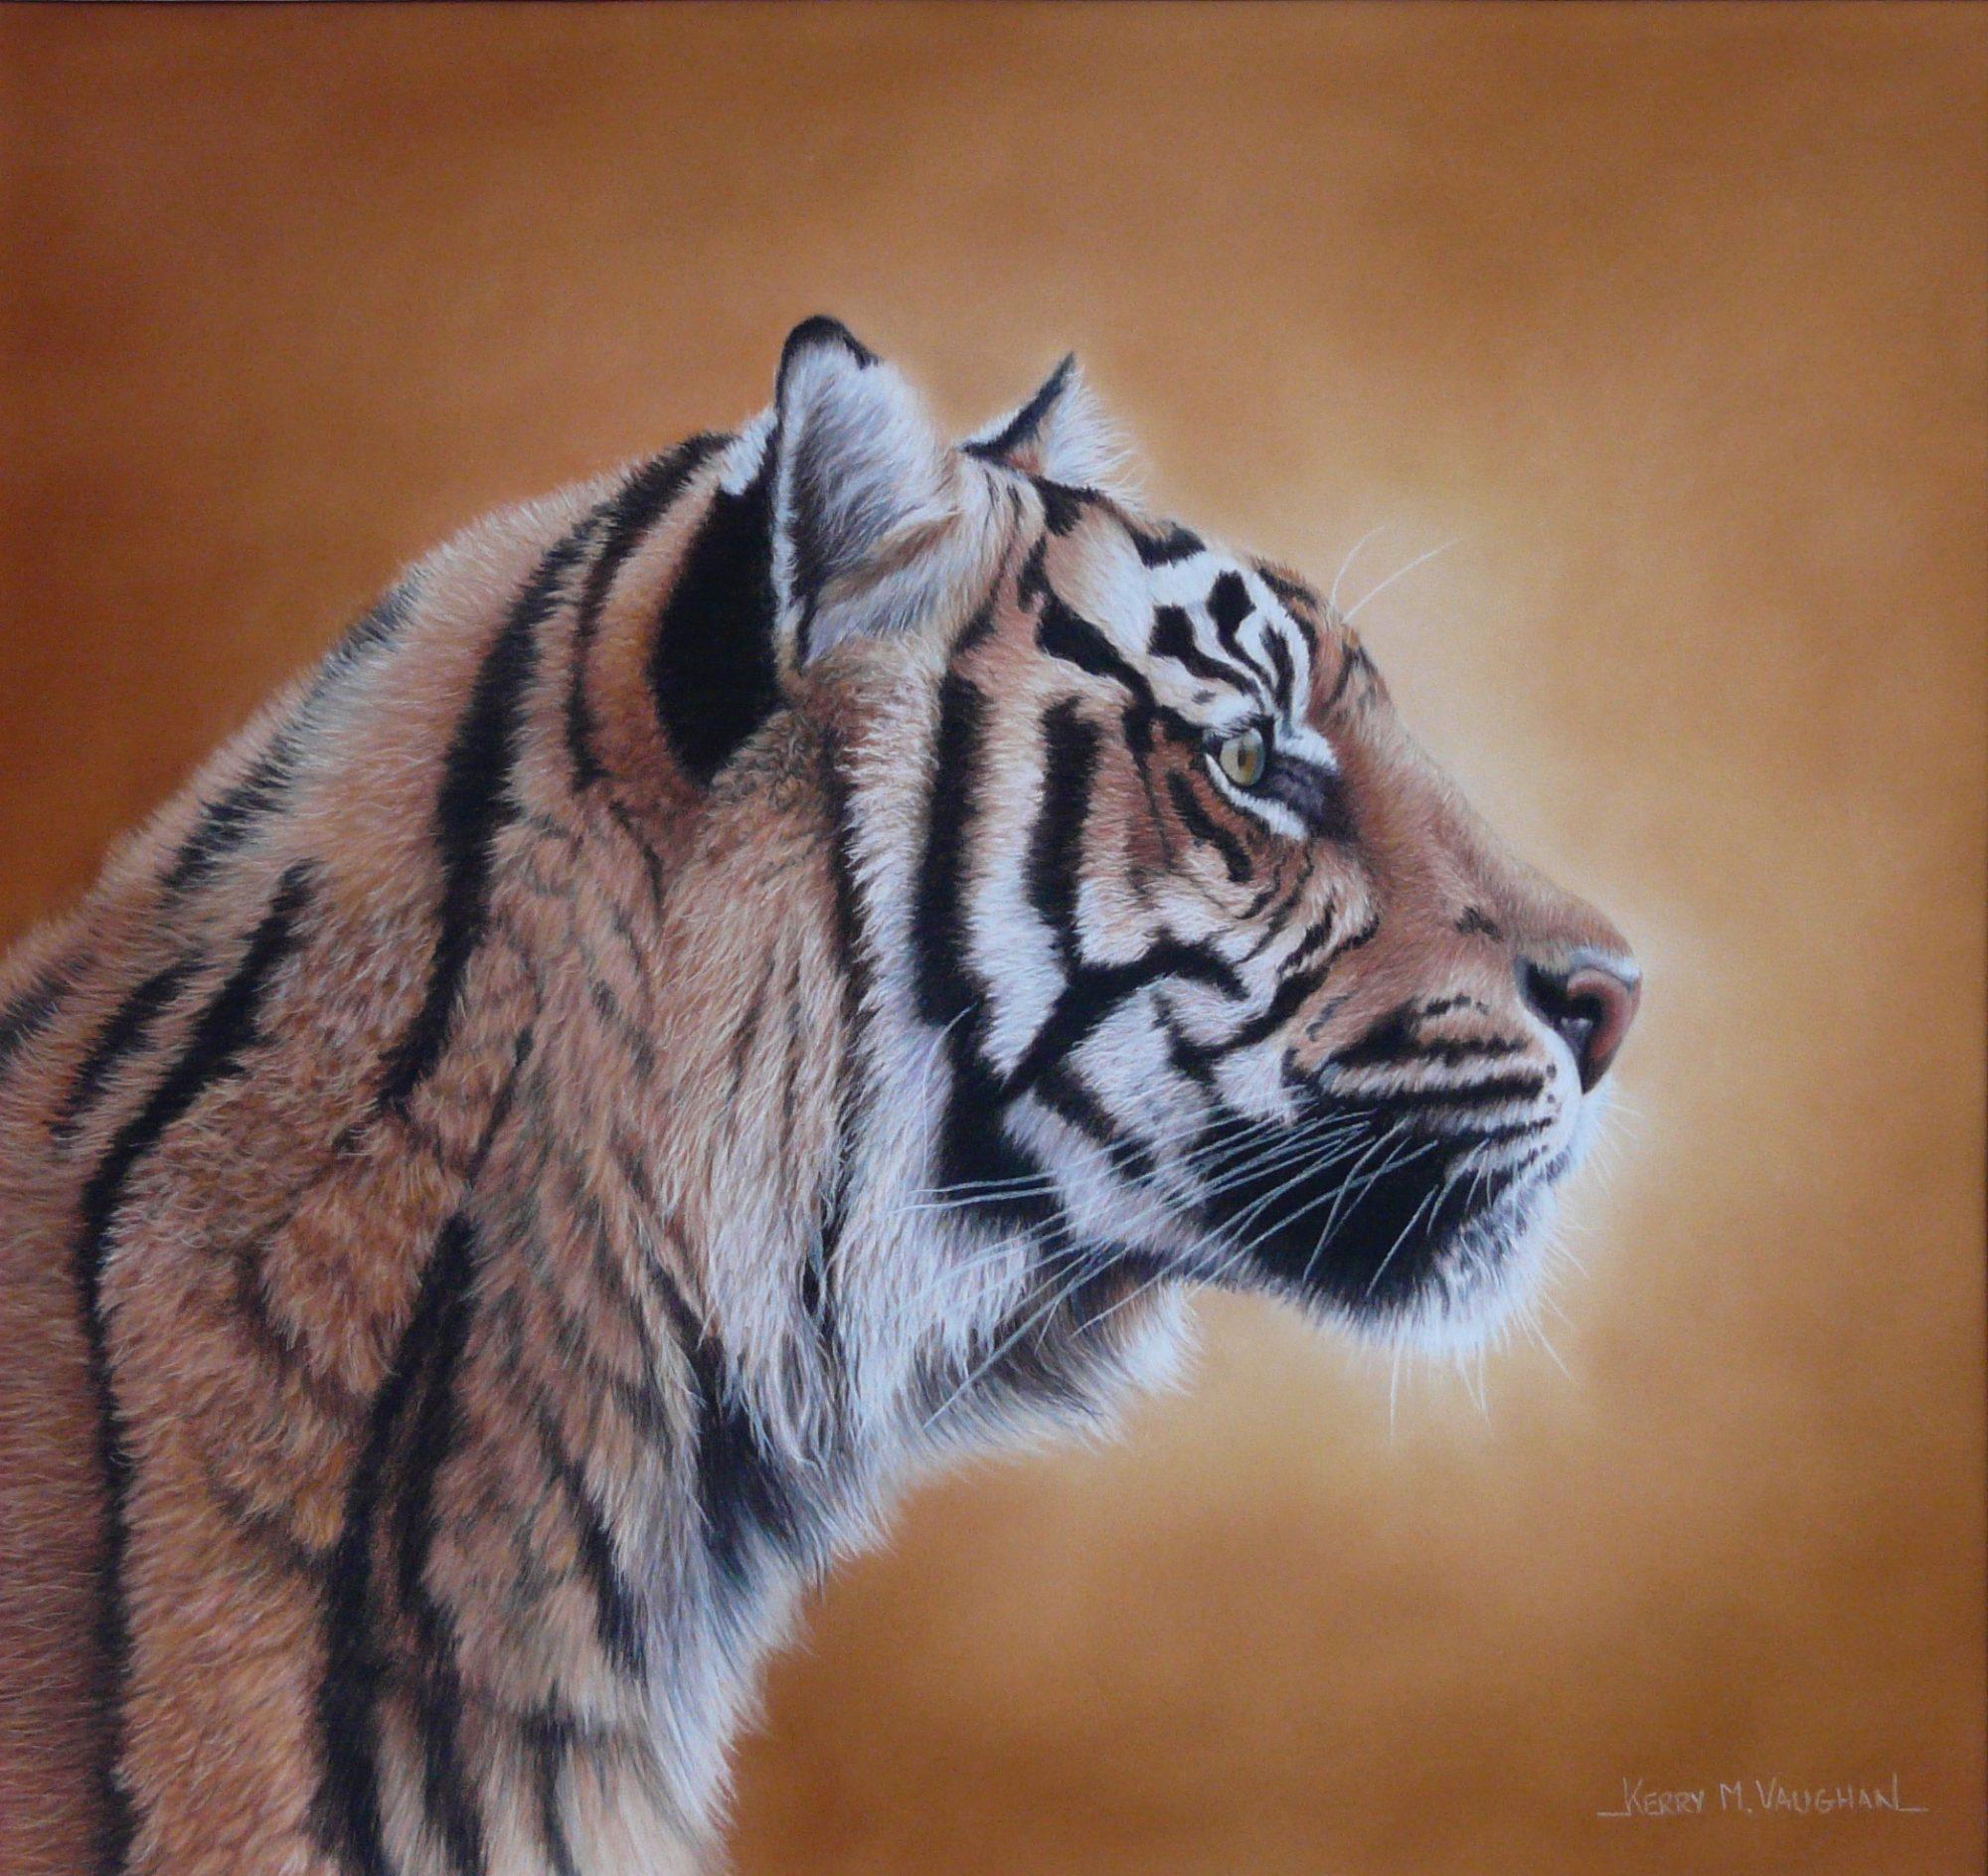 Kerry M. Vaughan Artist